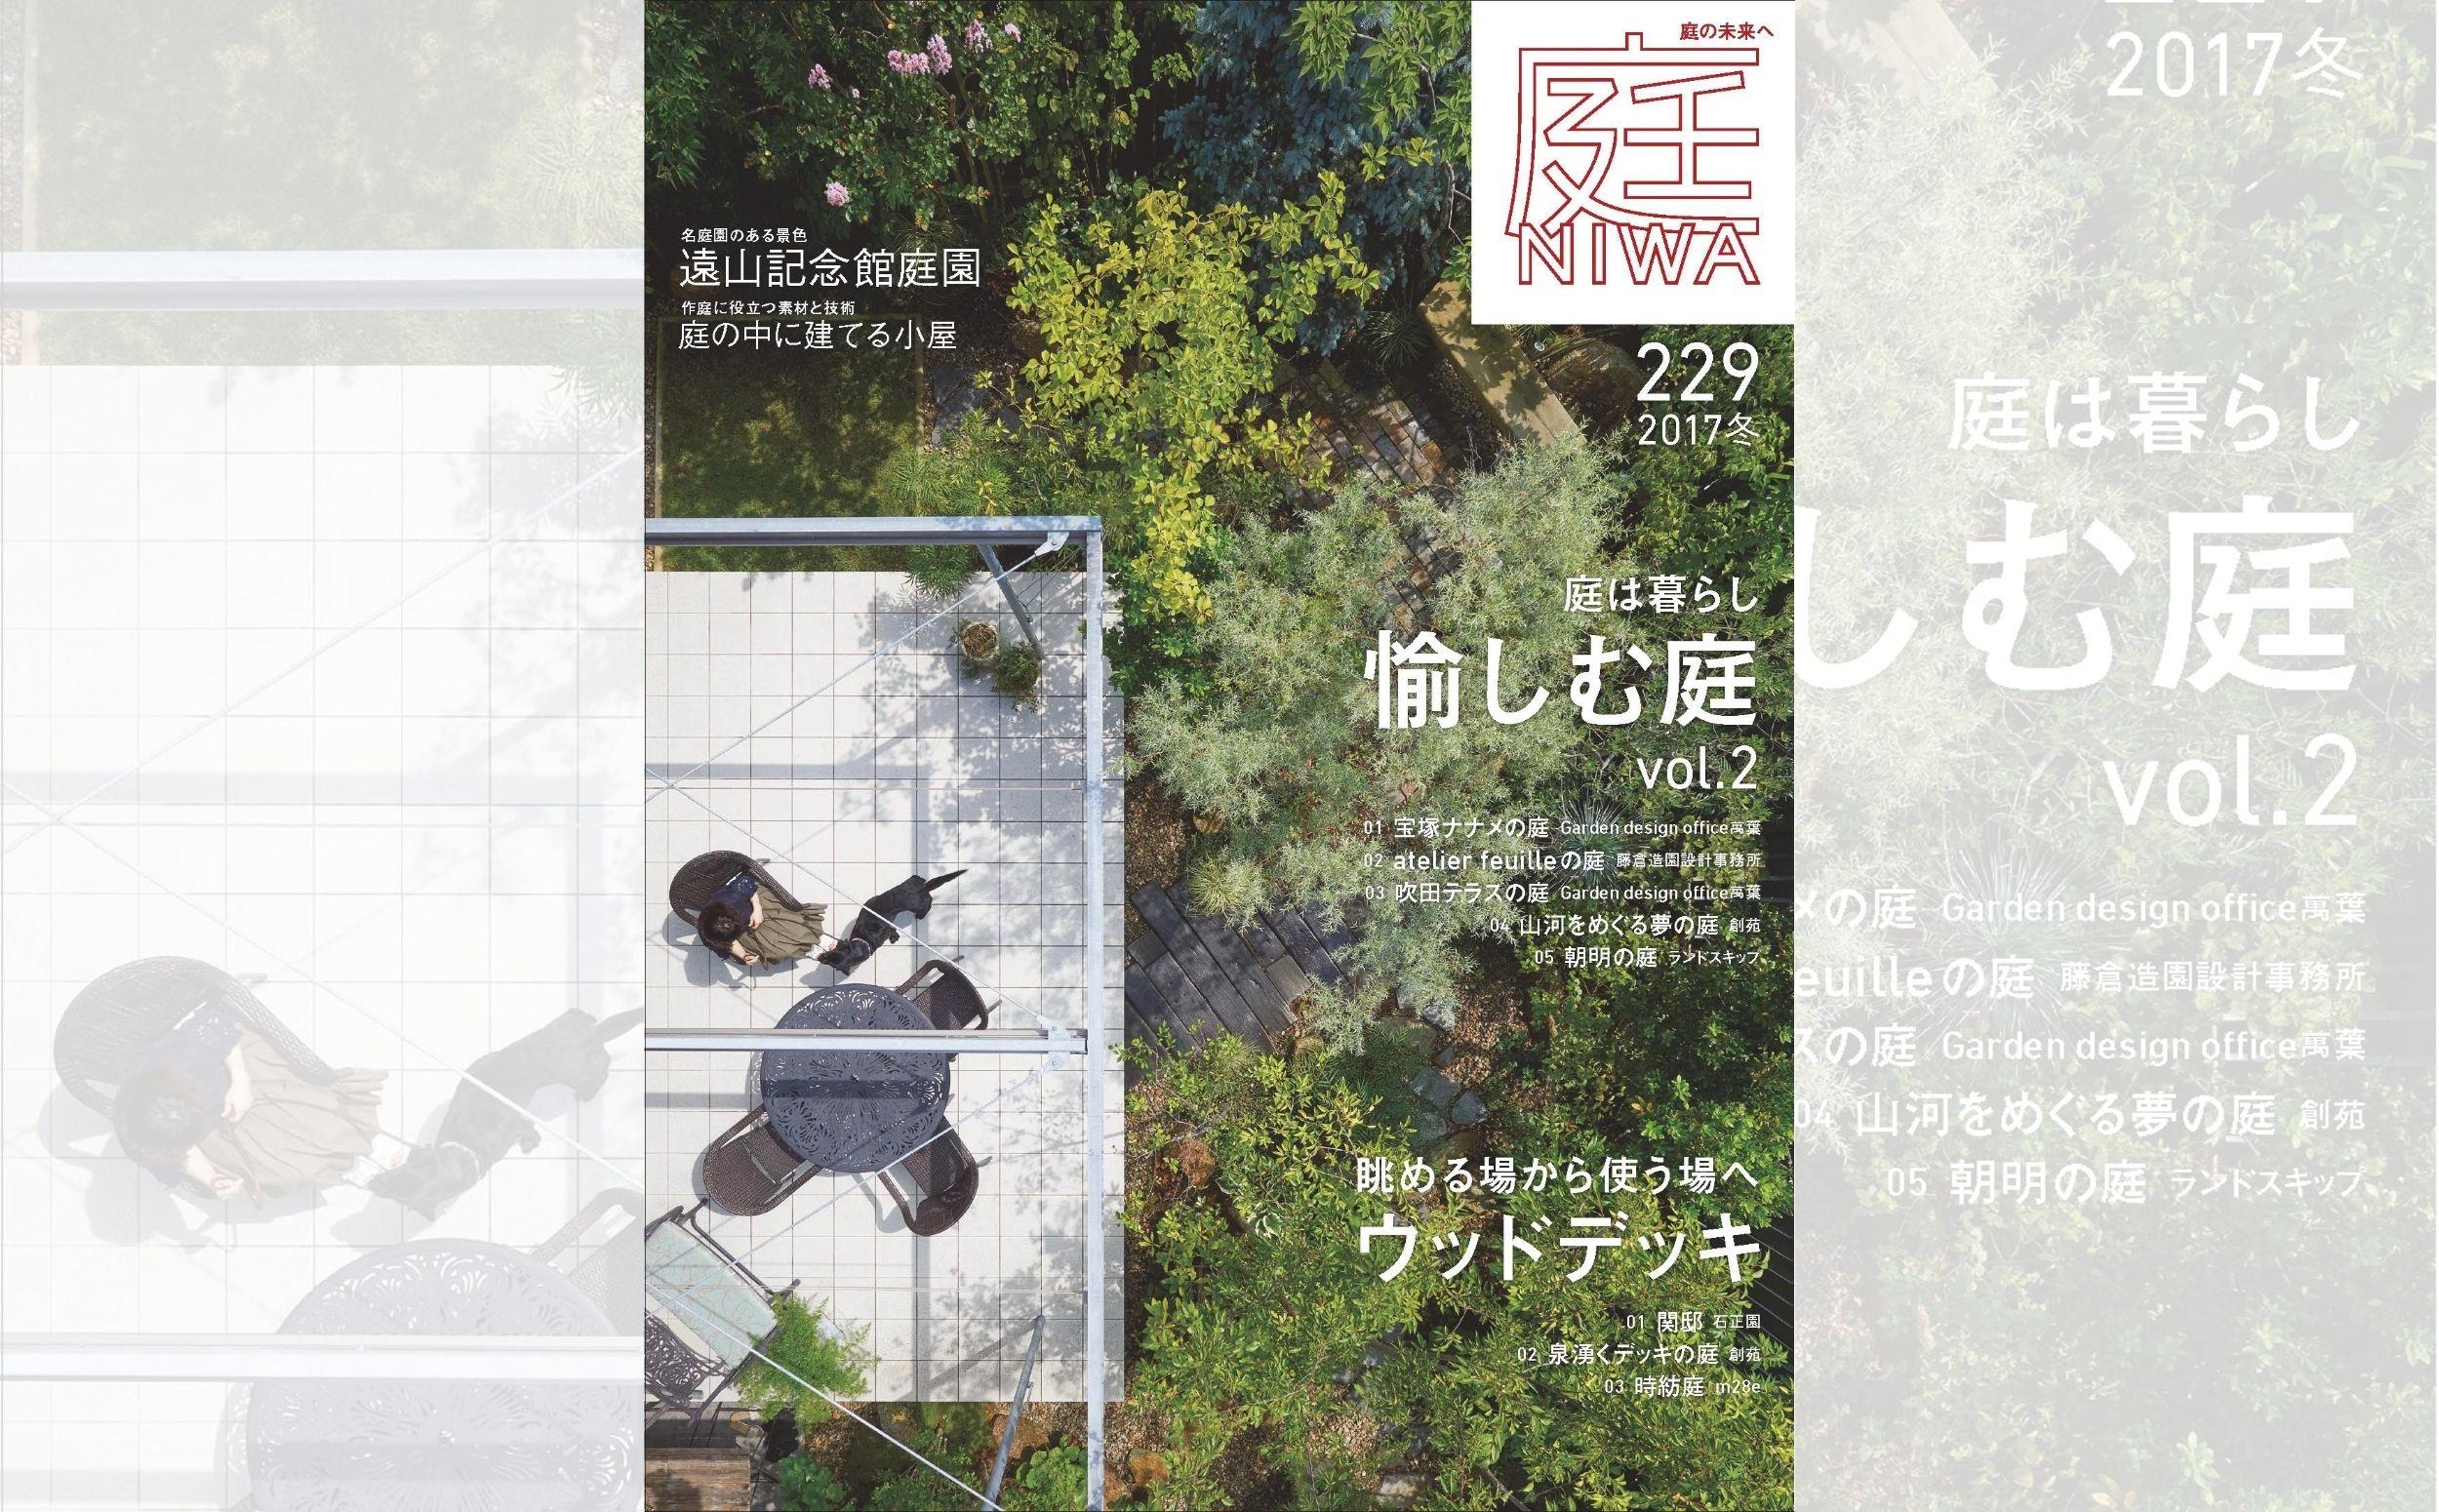 庭NIWA No.229 2017冬号『庭は暮らし 愉しむ庭 vol.2』